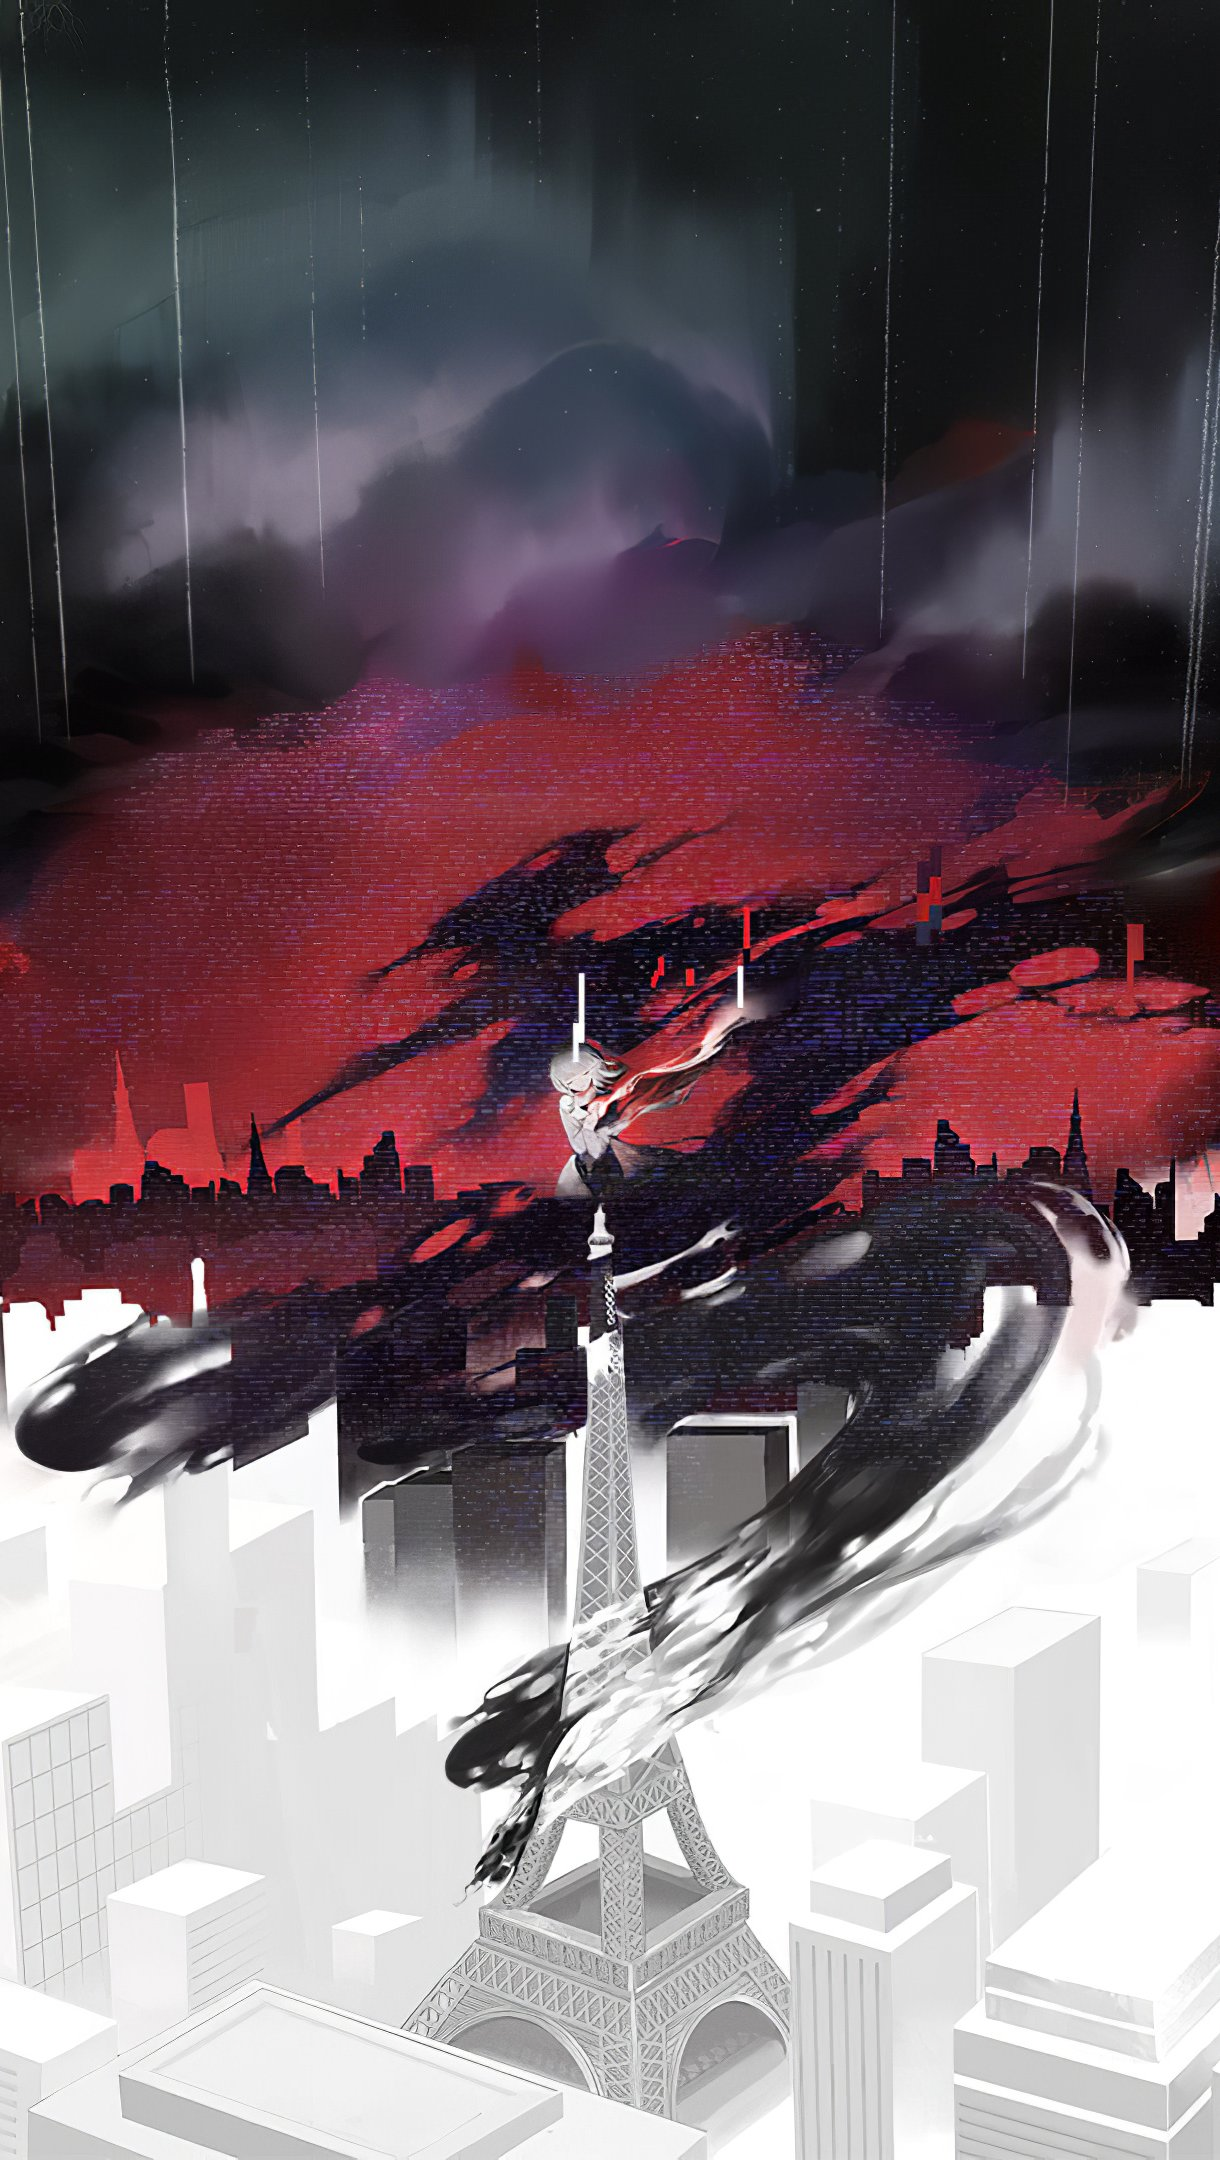 Fondos de pantalla Anime Forever 7th capital Vertical